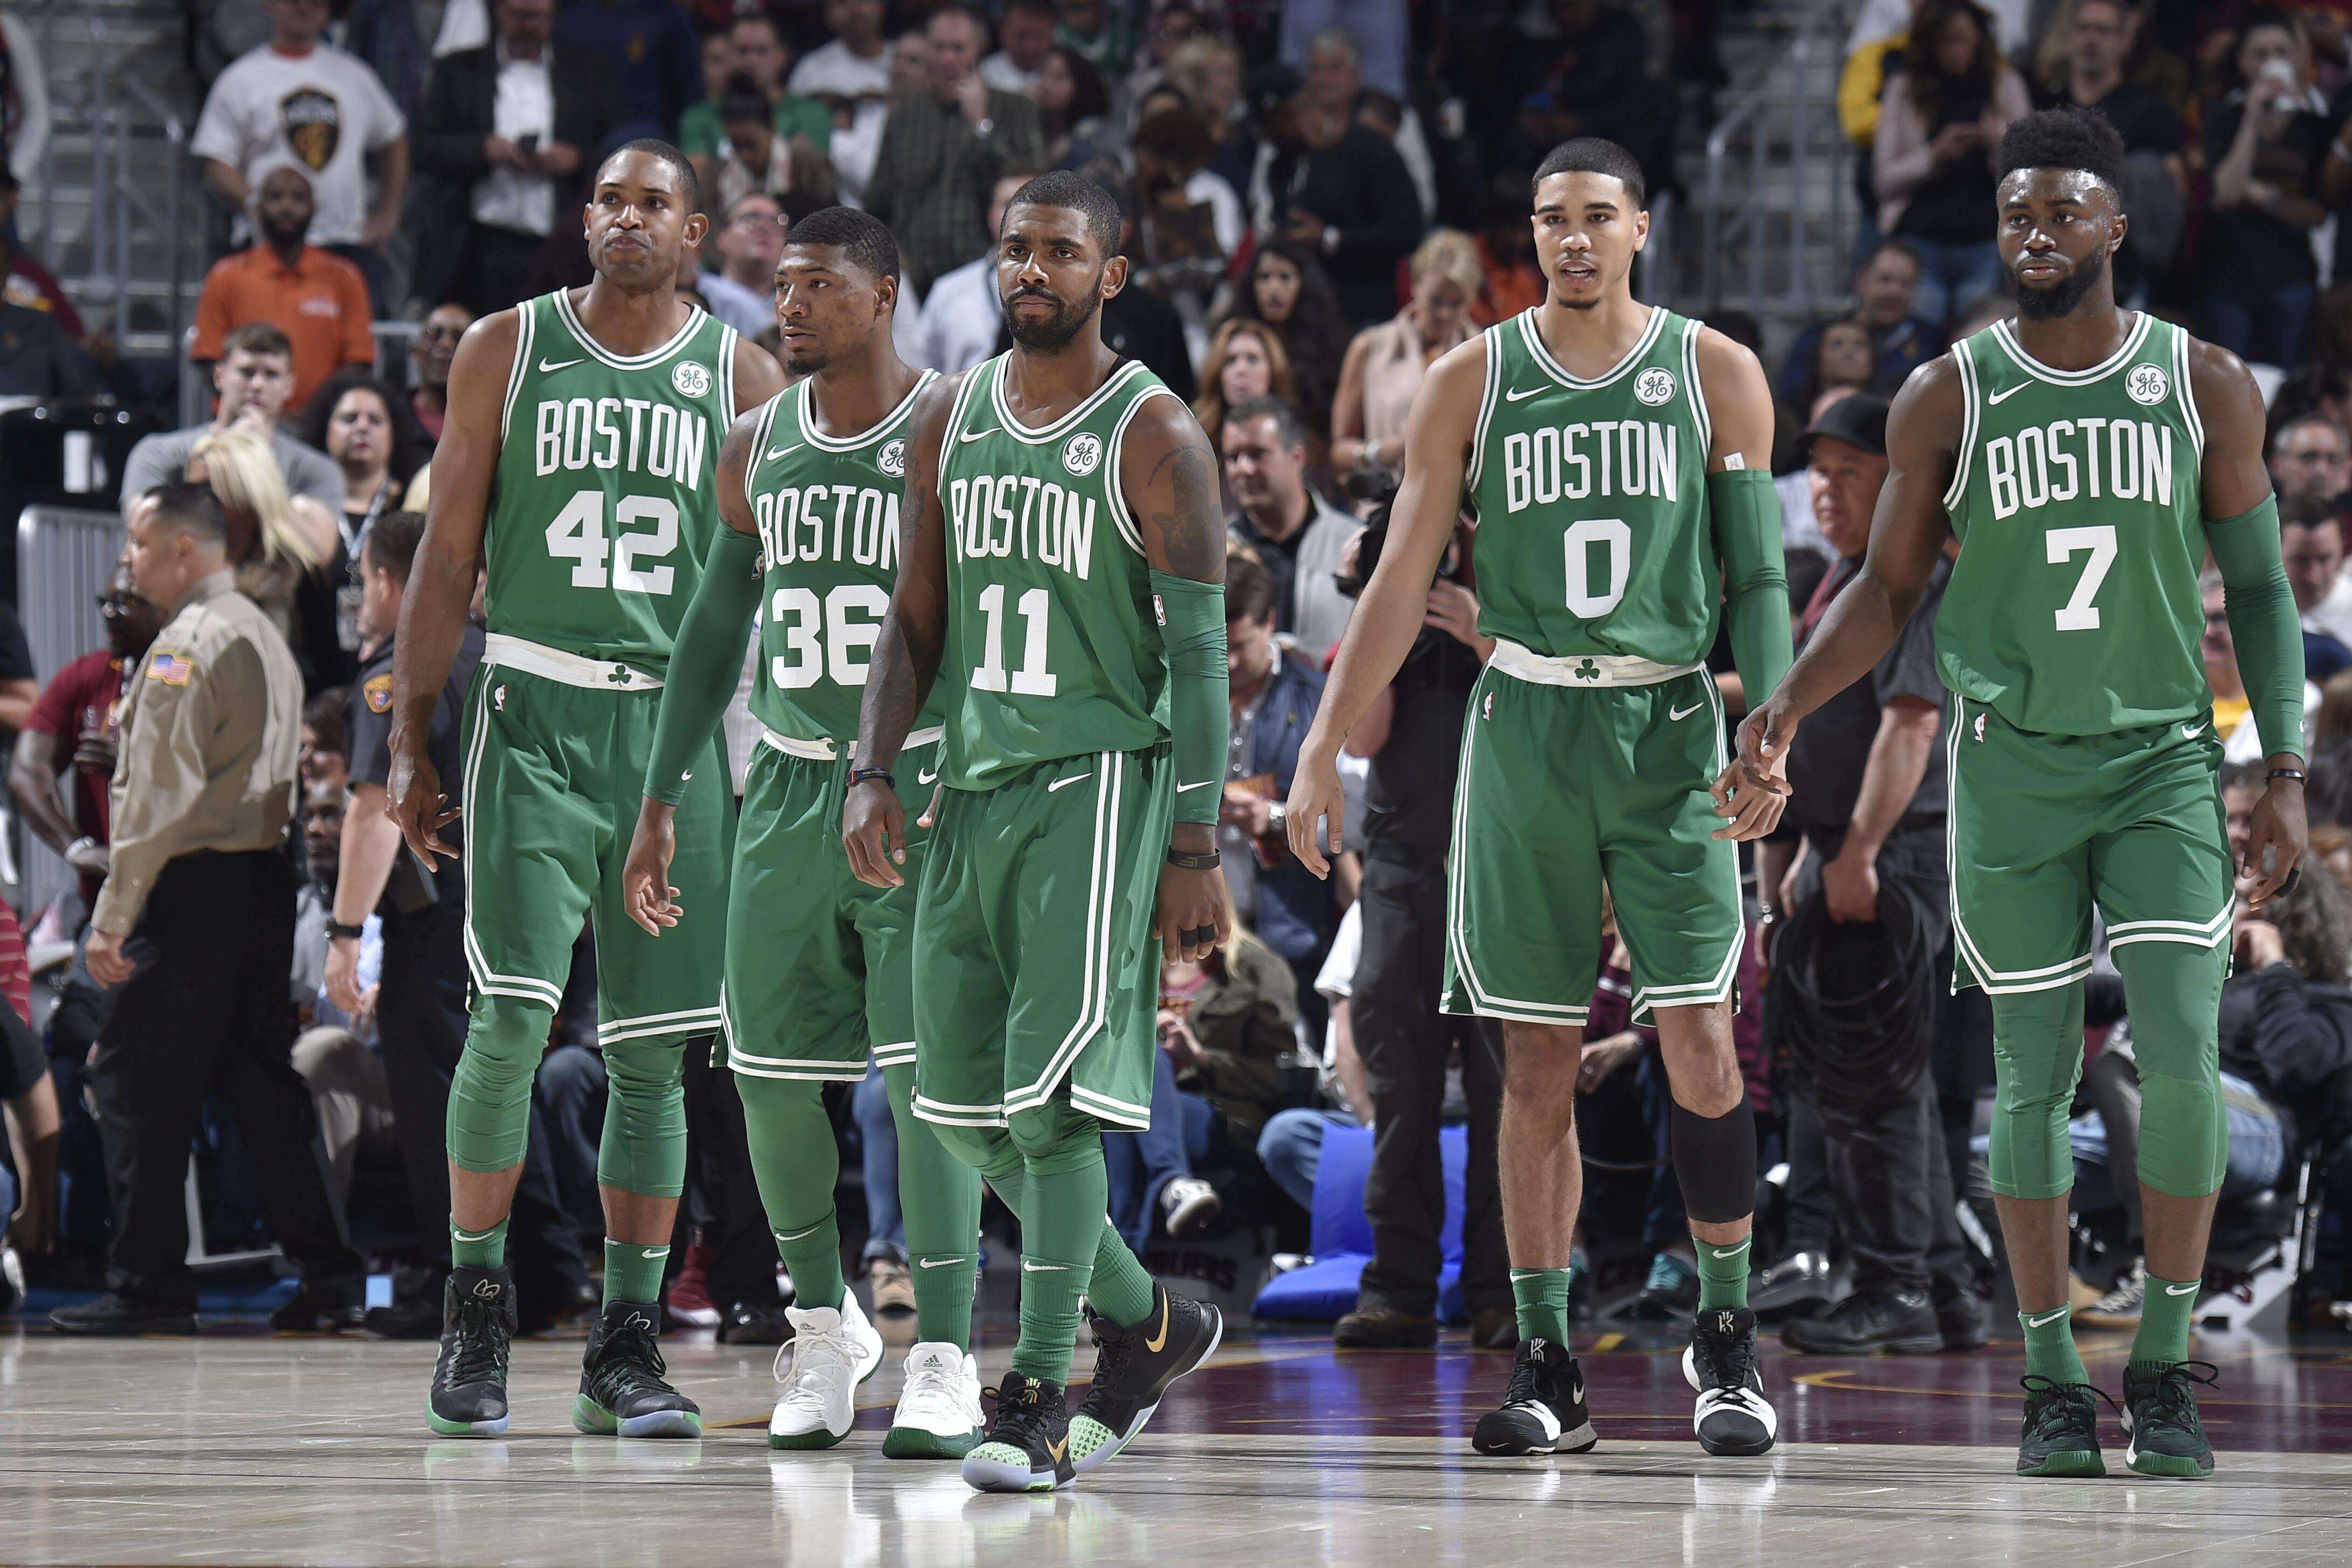 """""""Boston Celtic""""的图片搜索结果"""